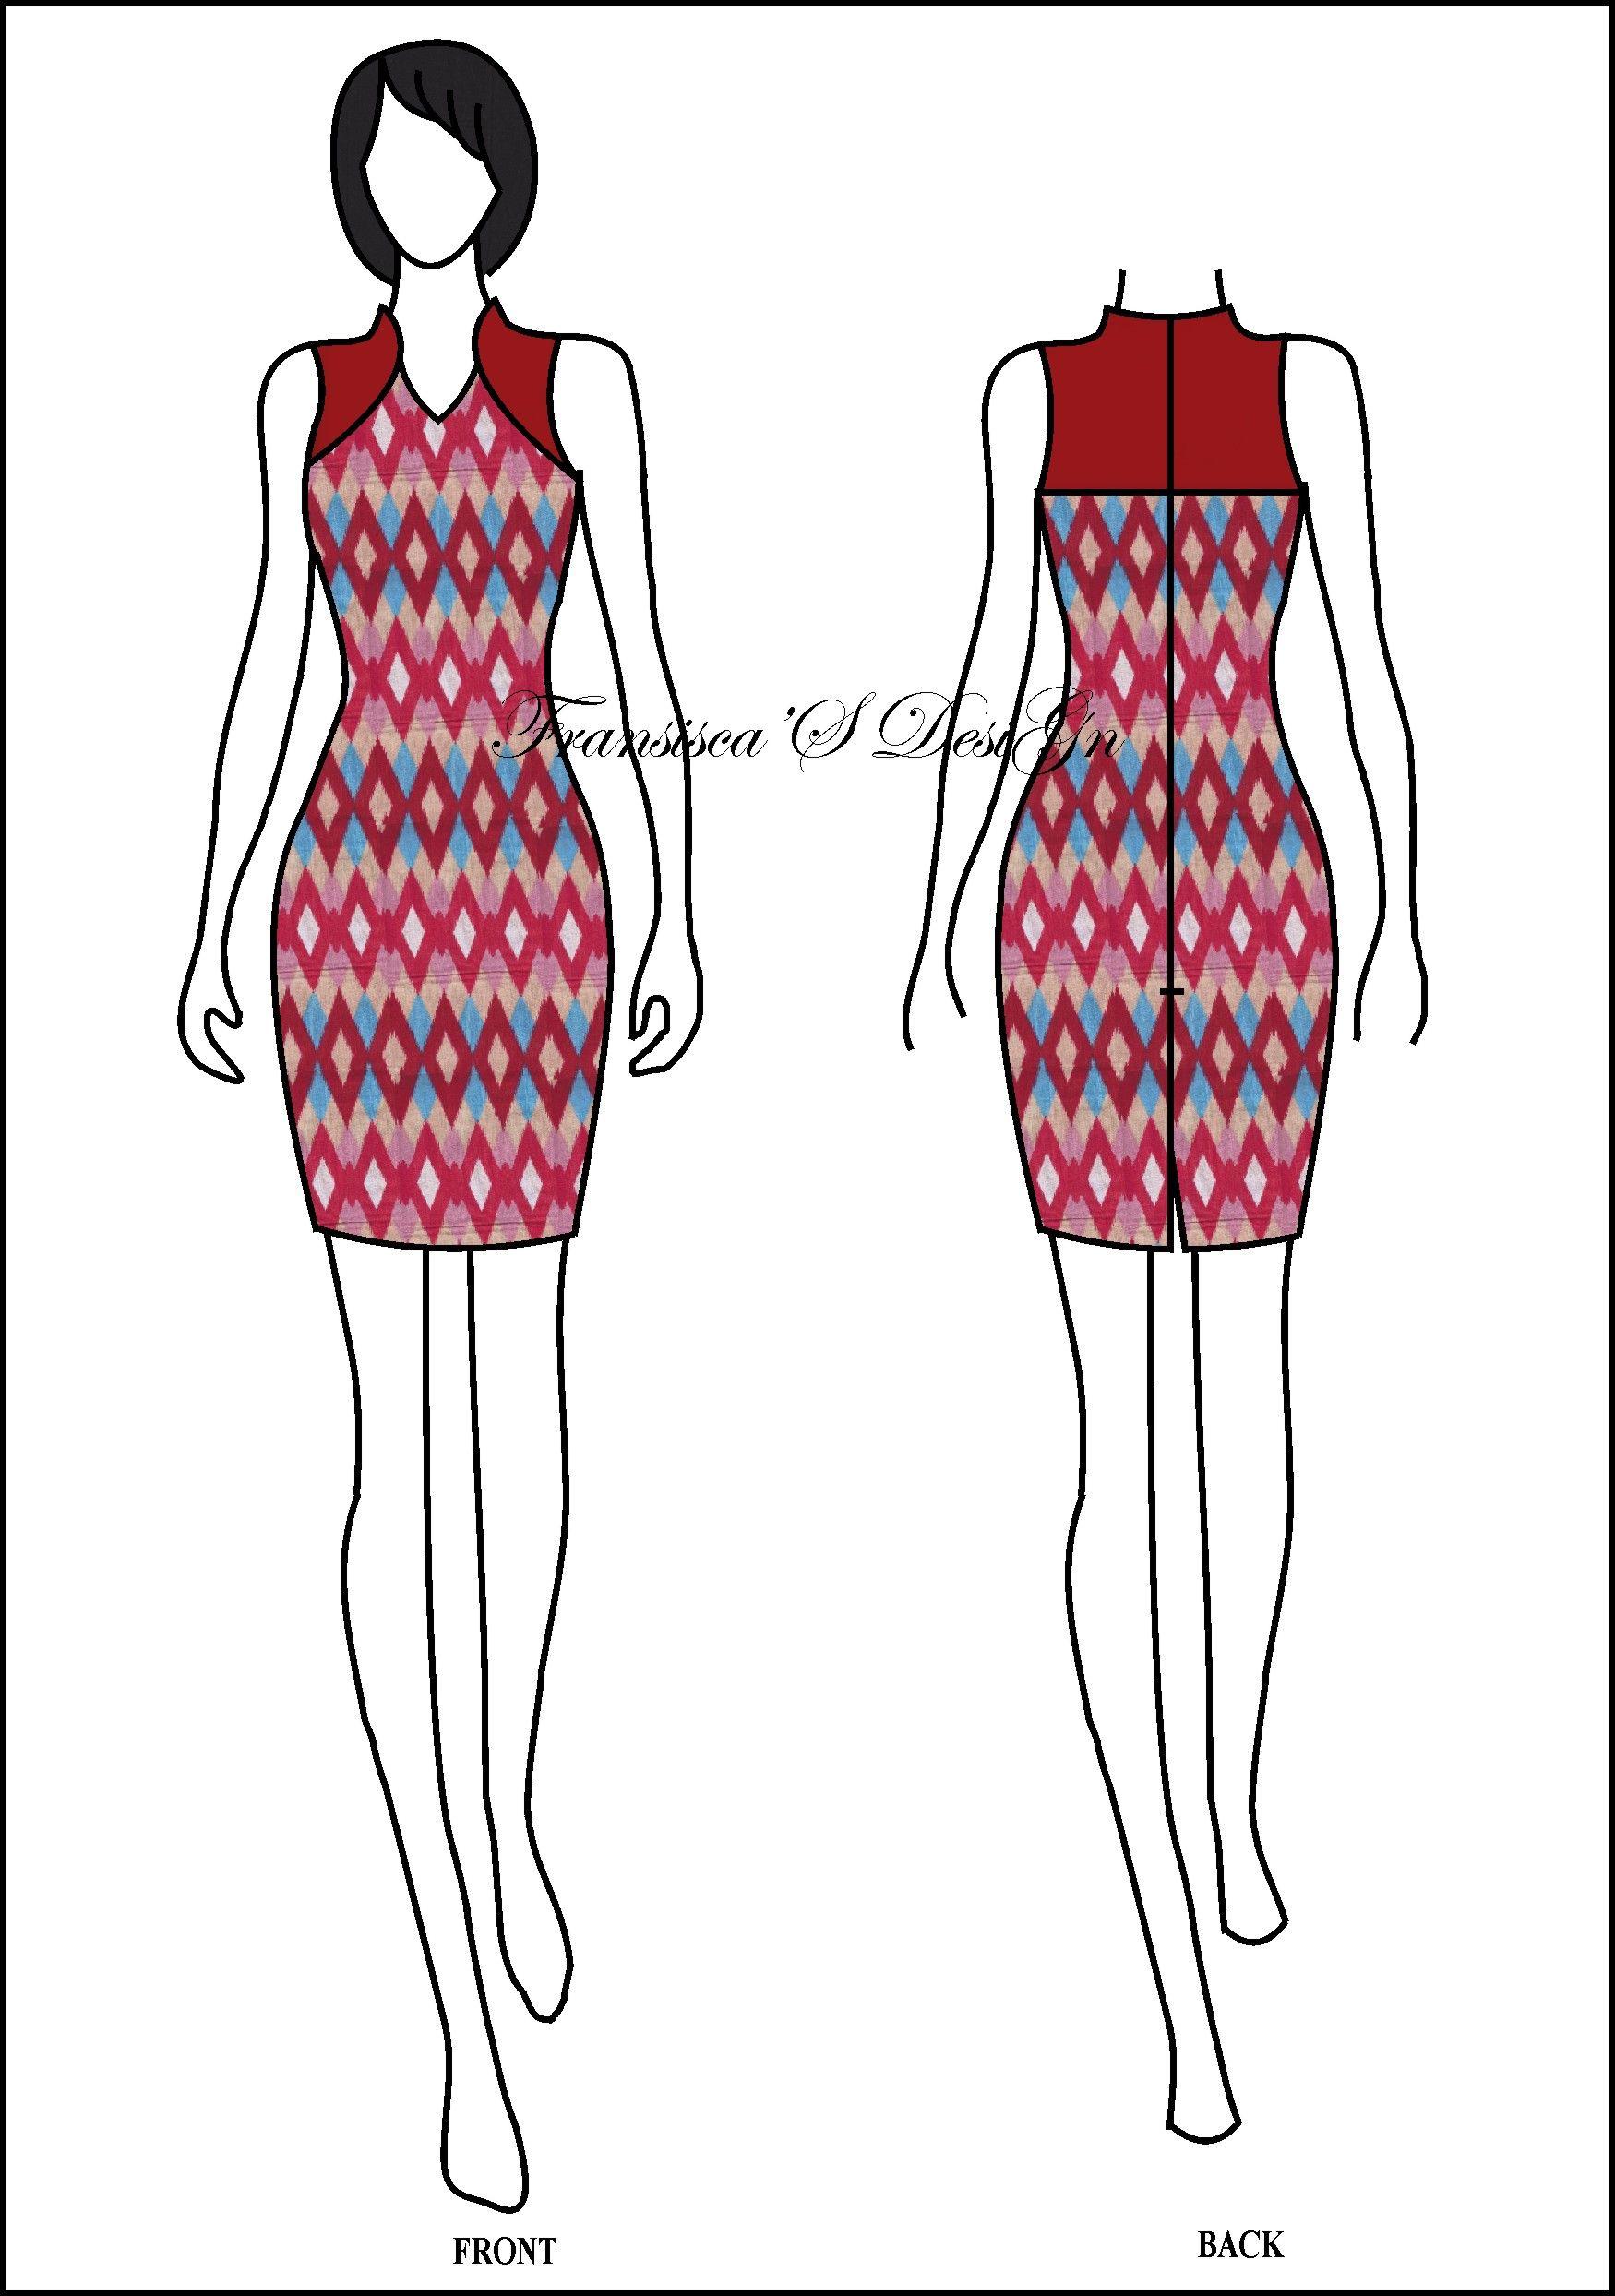 Dress Span Shanghai Cheongsam Fashiondesigner Butik Onlineshop